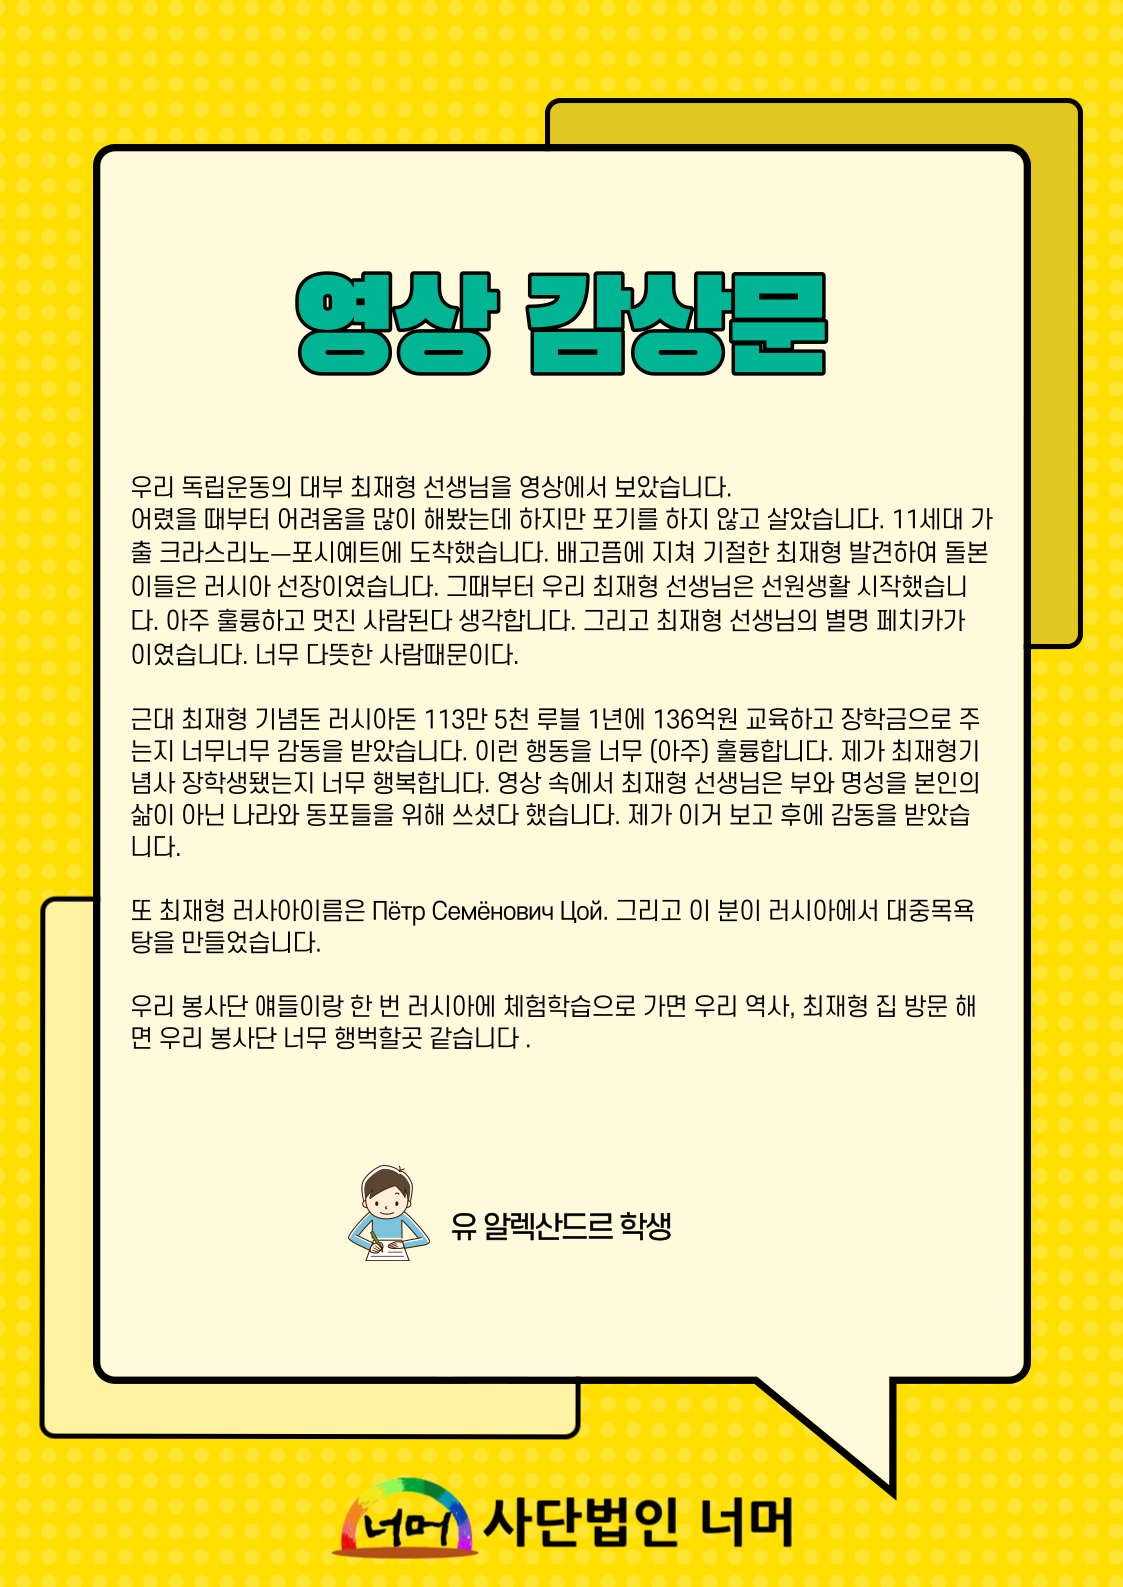 2020.05.20-감상문-2.png